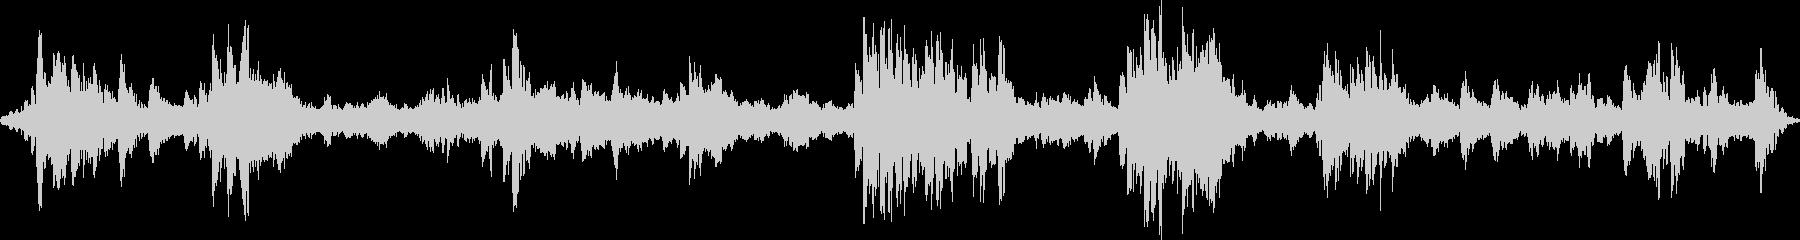 深海遊泳を描写したアンビエント音楽の未再生の波形